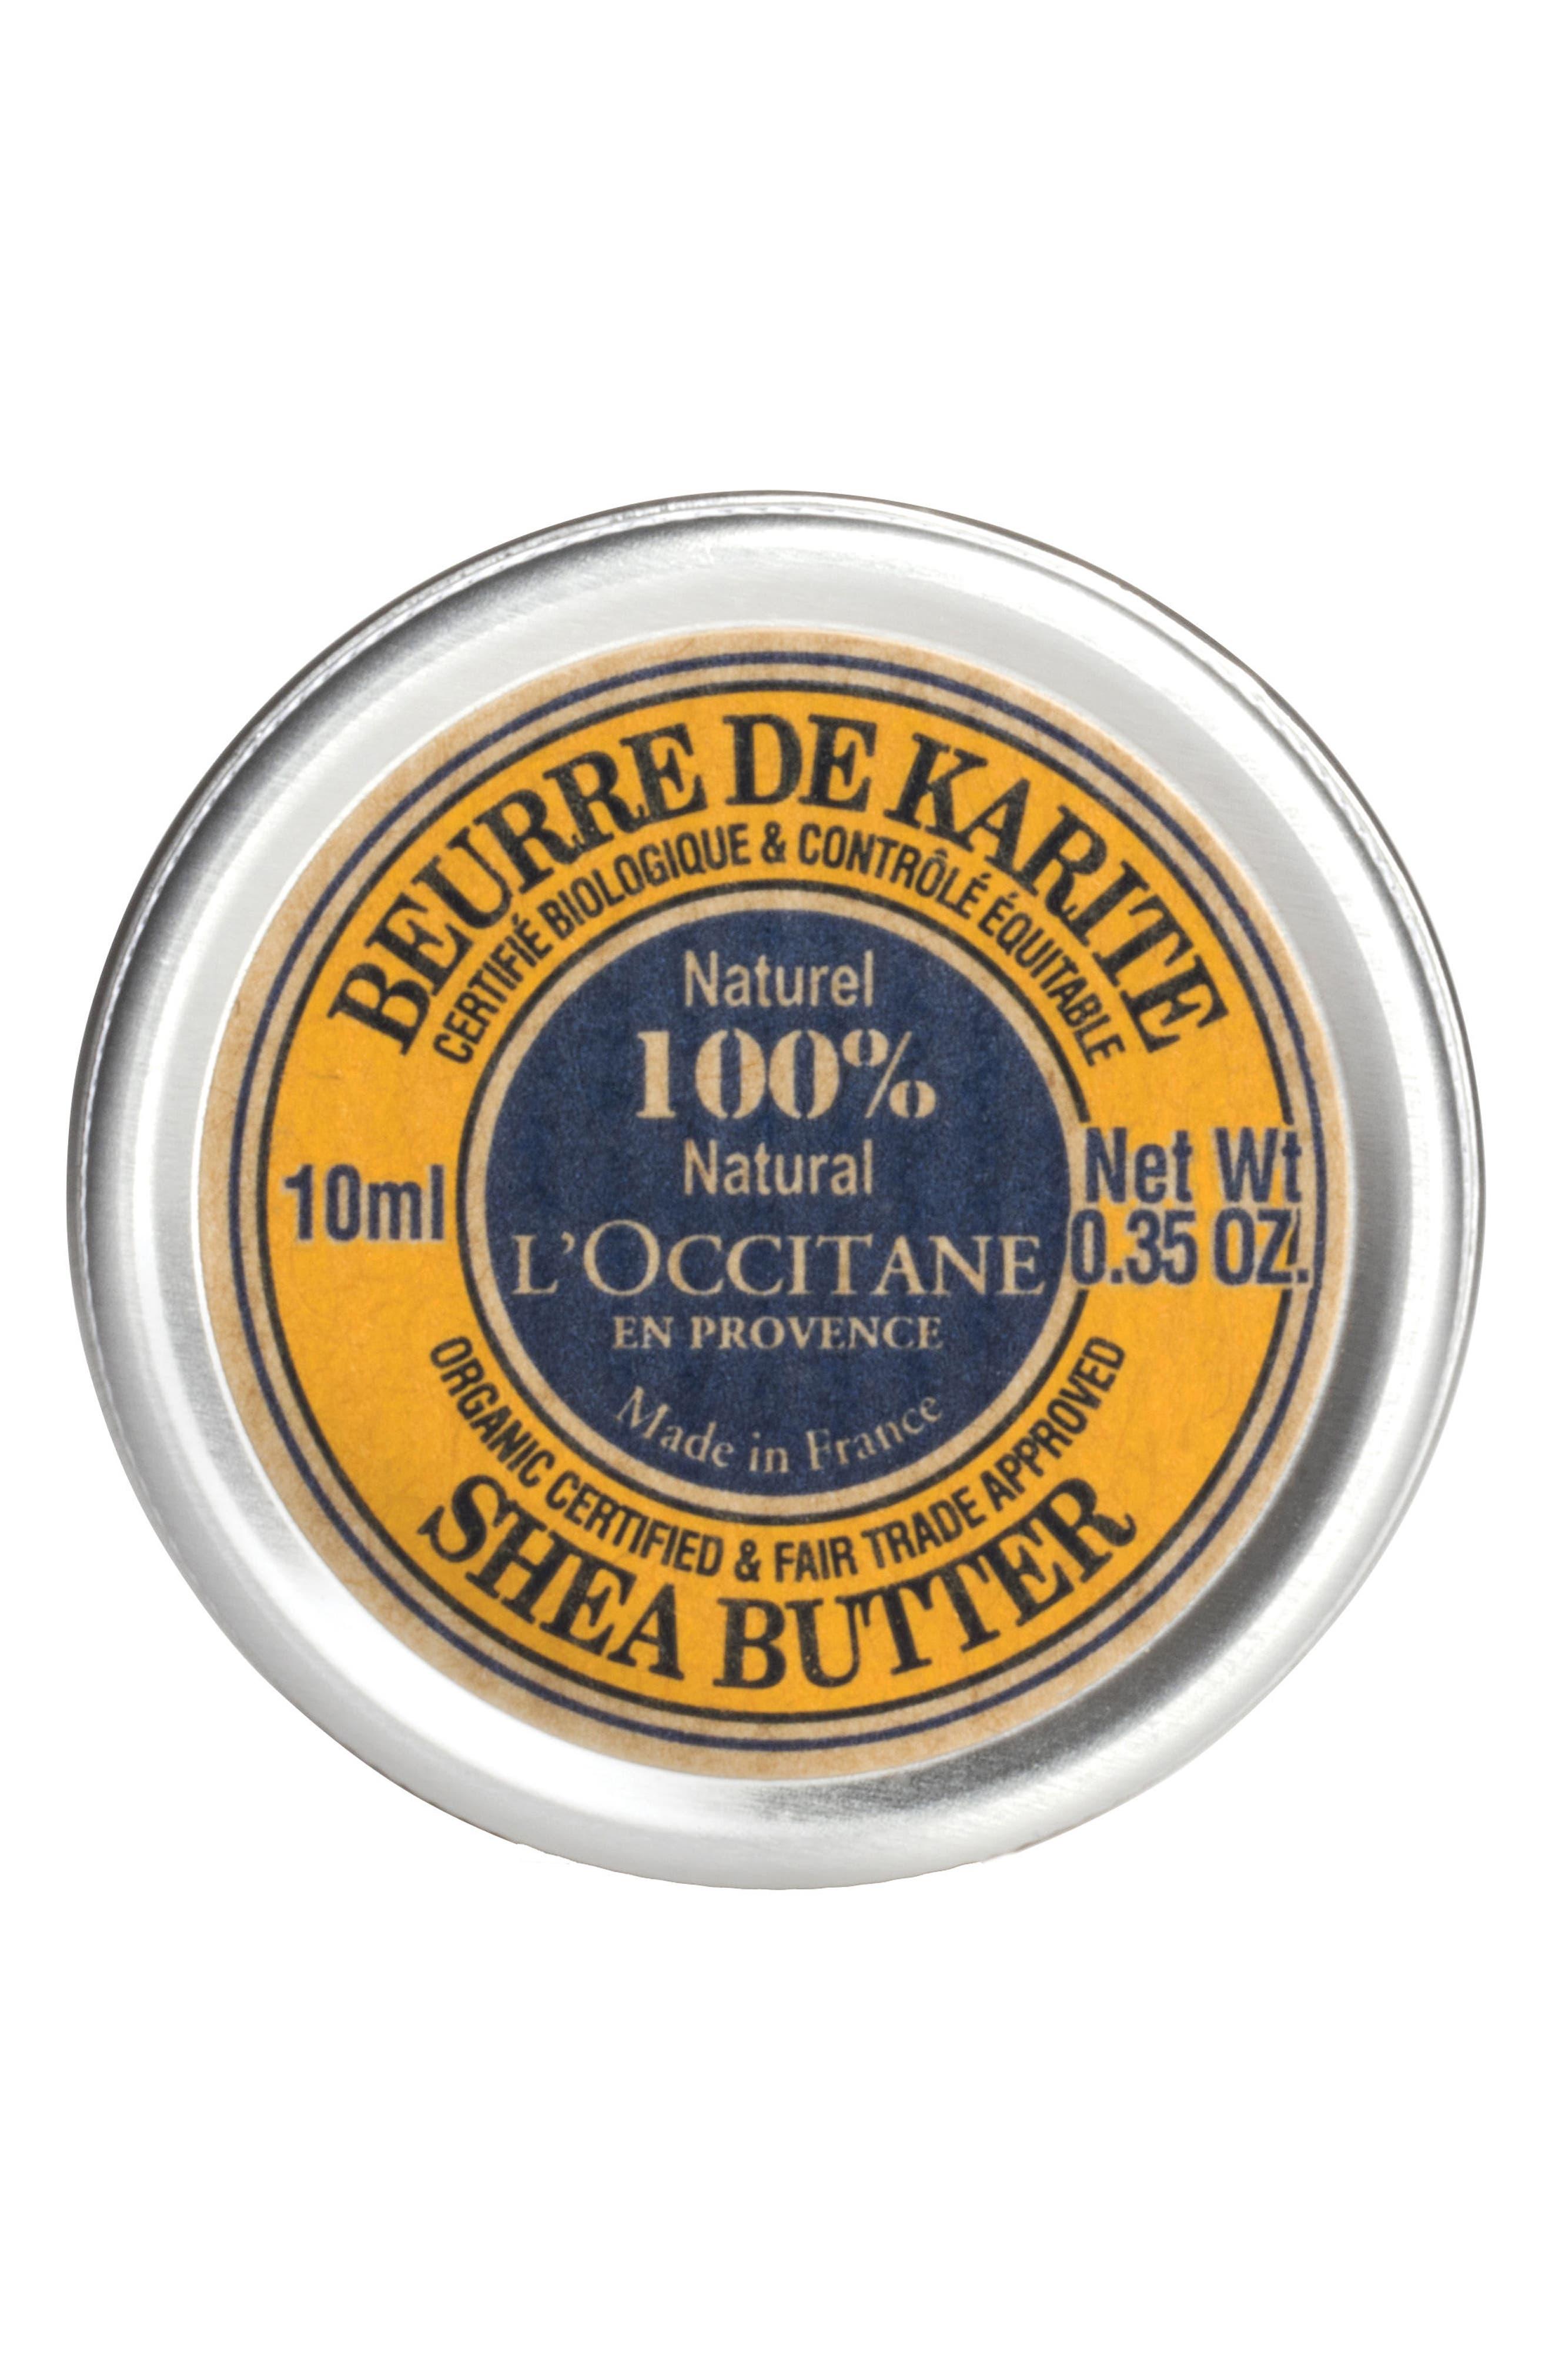 Mini Pure Shea Butter,                             Main thumbnail 1, color,                             000